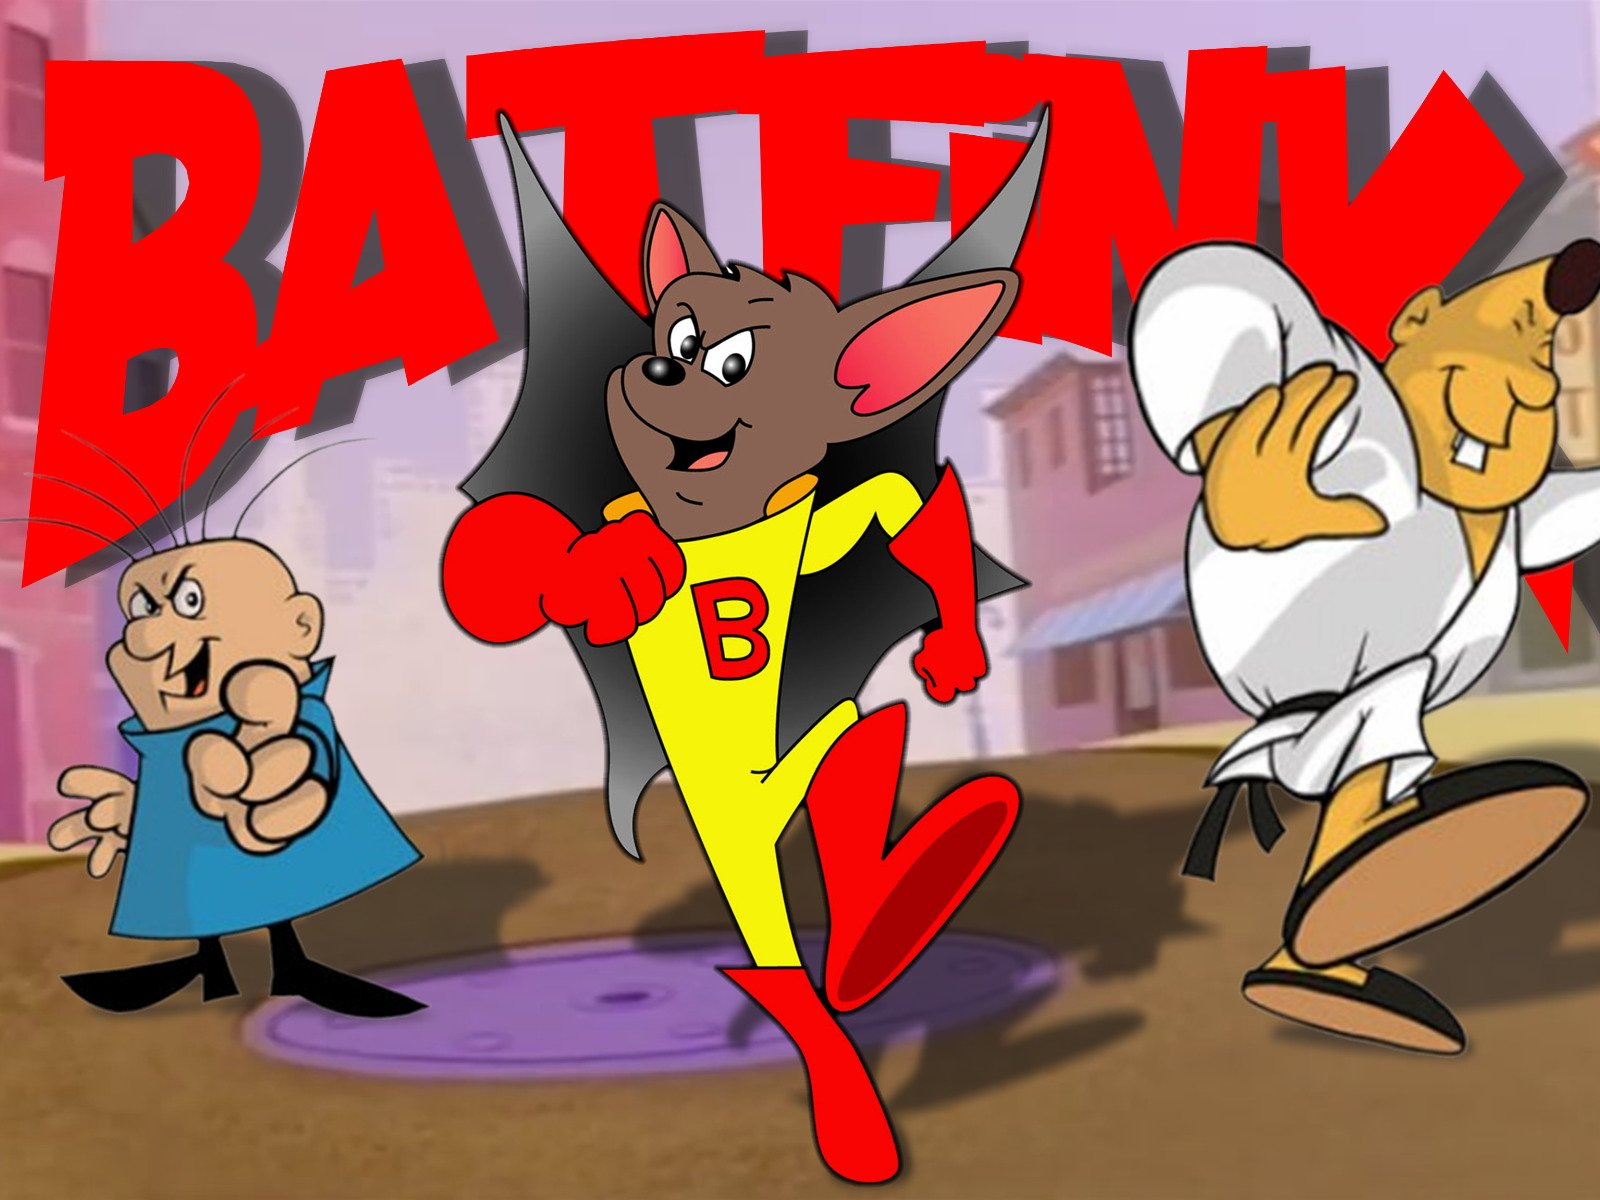 Batfink